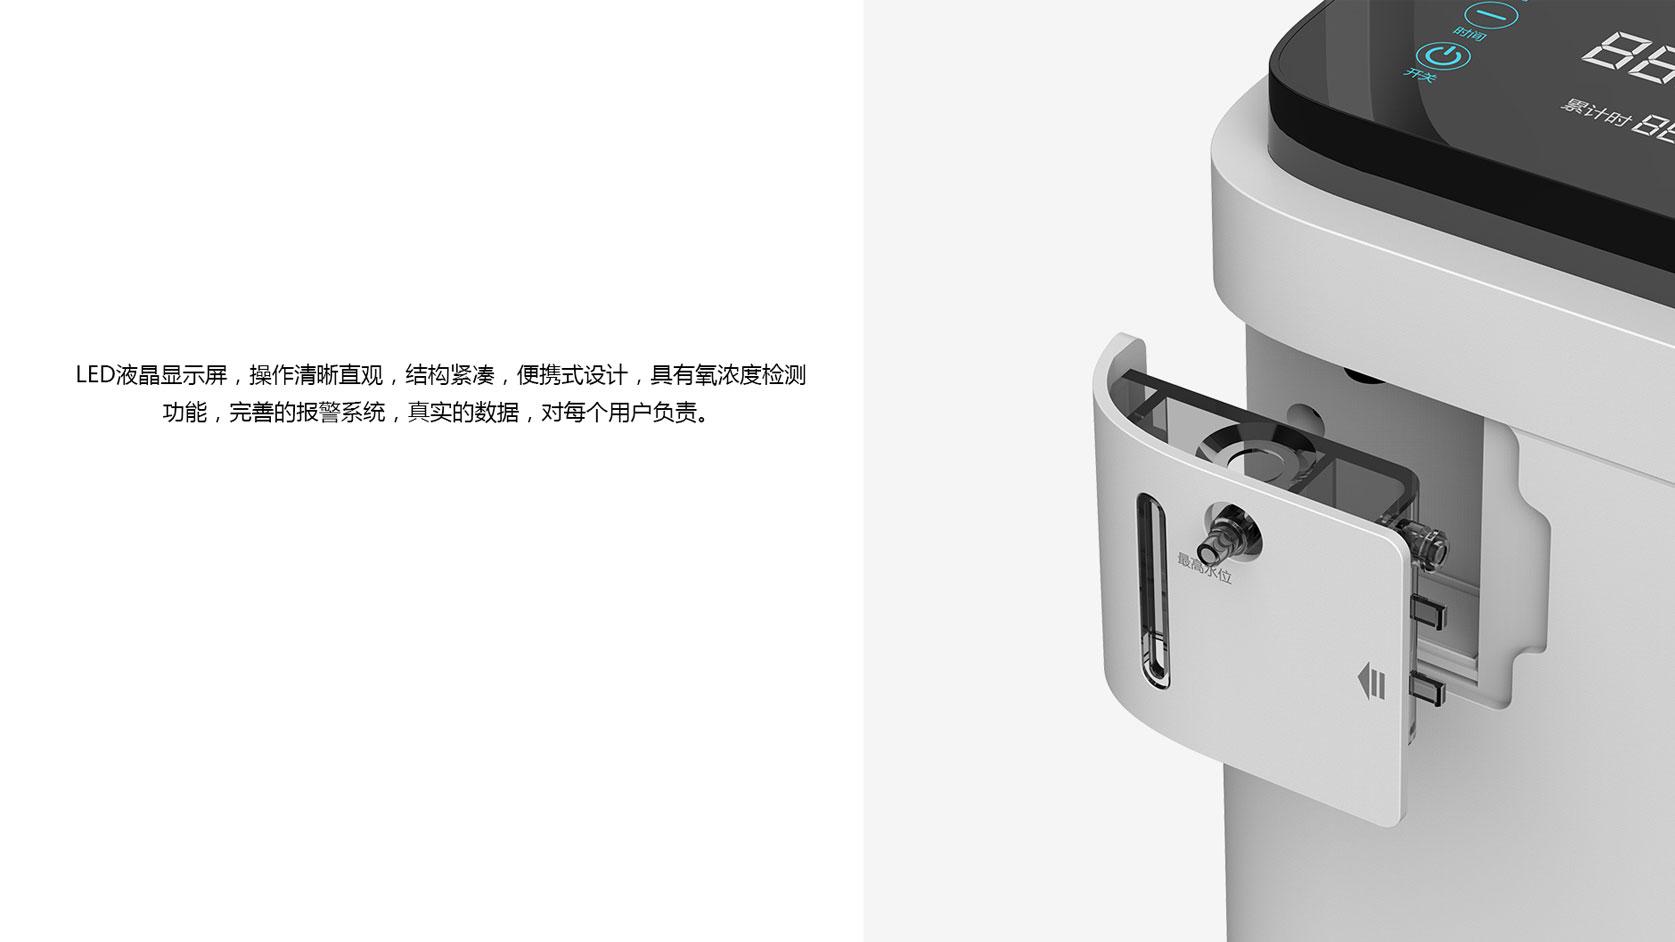 制氧气机设计3.jpg